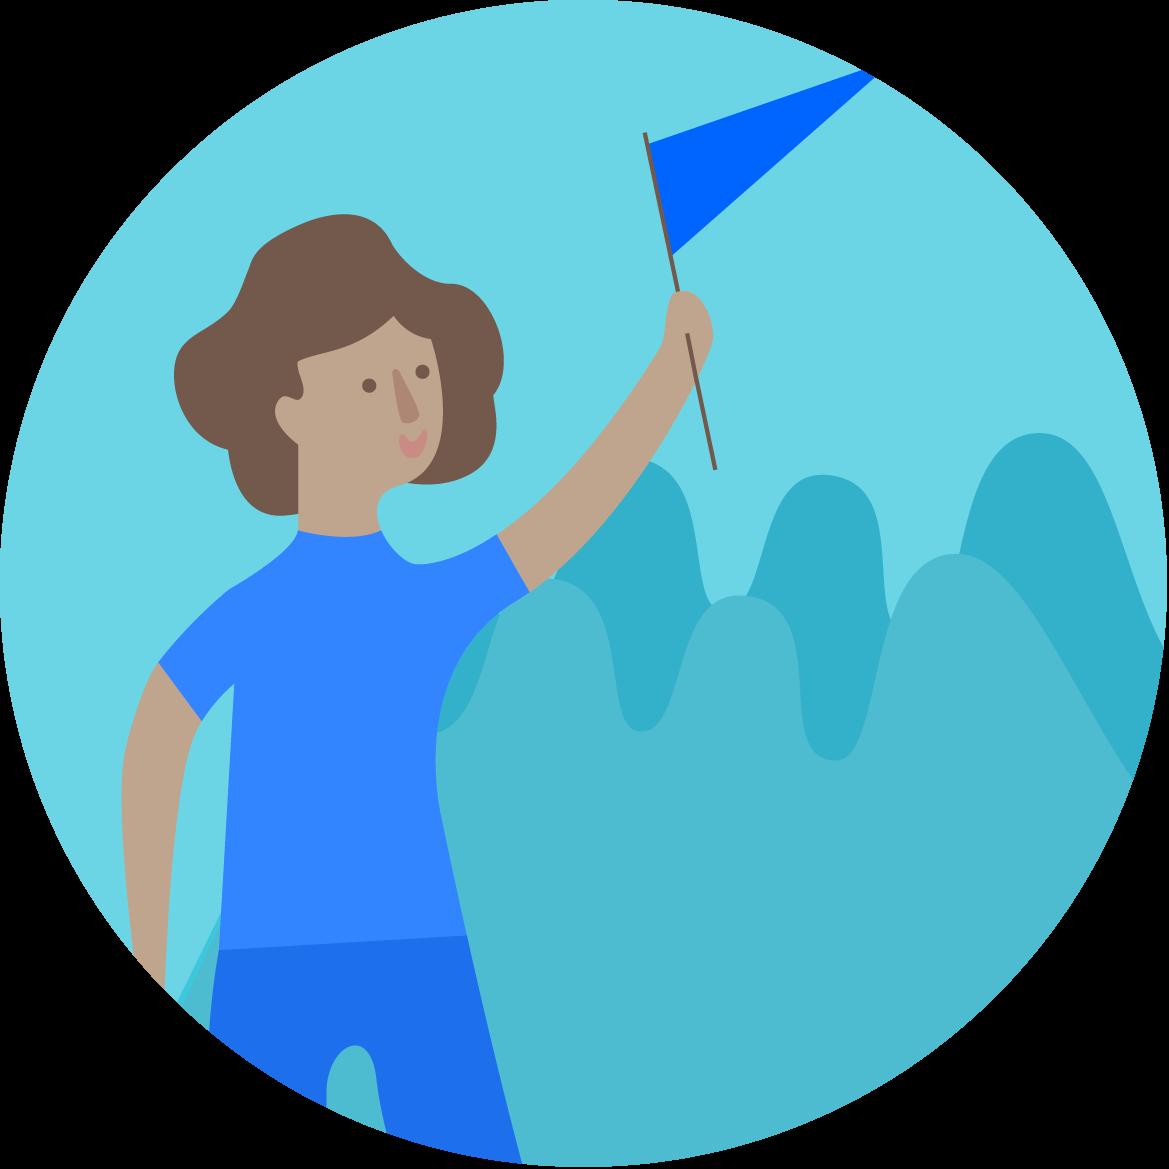 As equipes de liderança de alto desempenho usam o Monitor de saúde para avaliar pontos fortes e fracos e, em seguida, rastrear seu progresso.